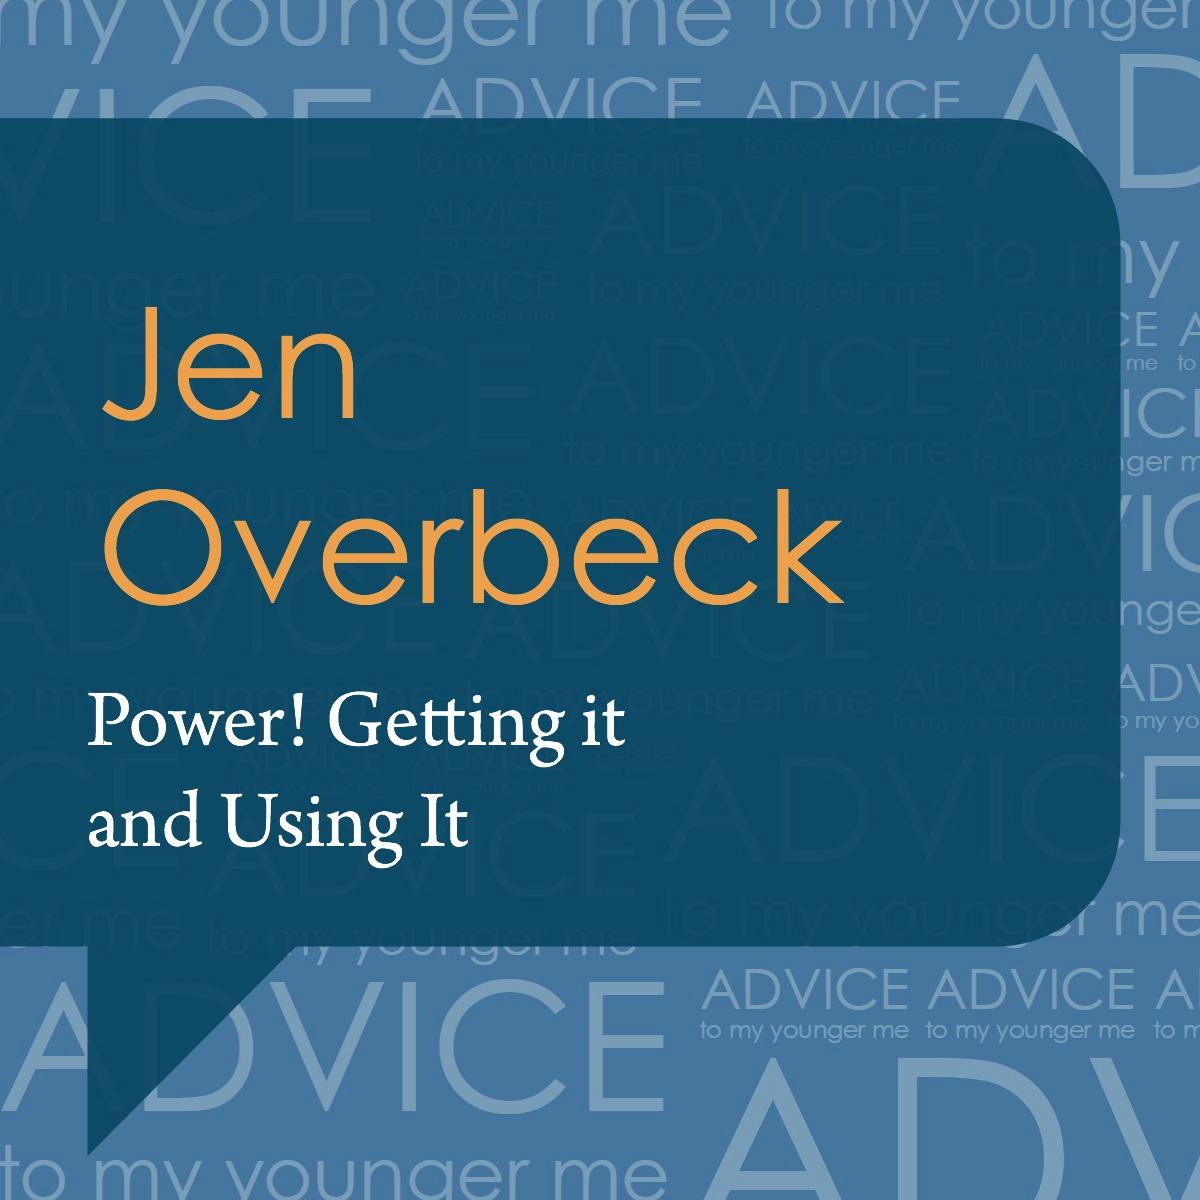 Jen Overbeck